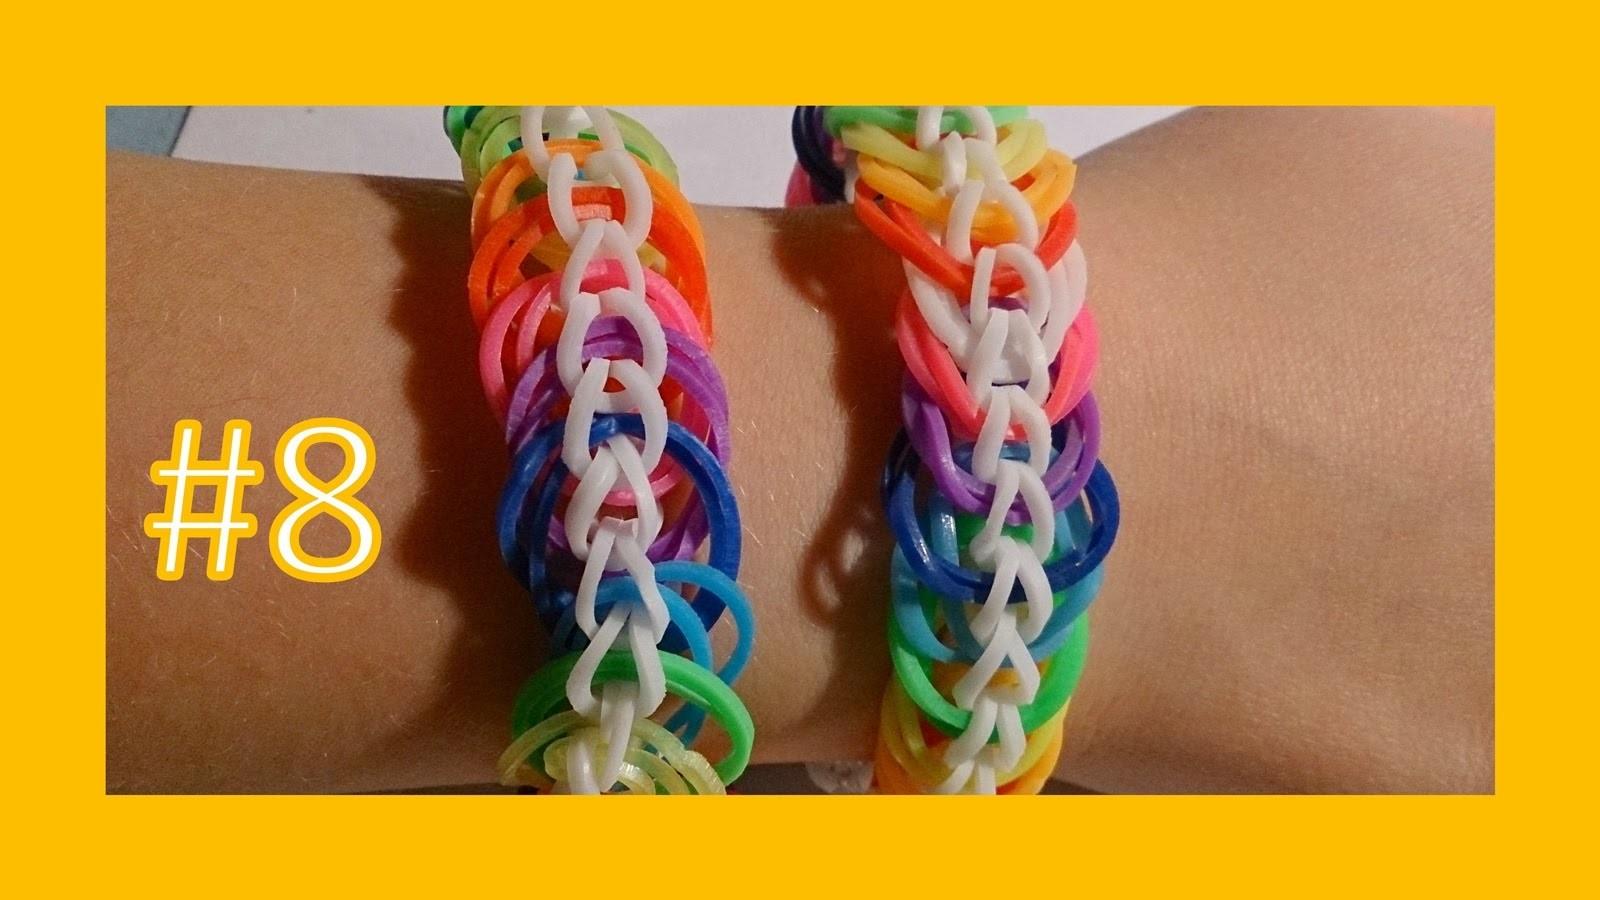 LEKCJA #8 - Gumki Rainbow Loom - MatyldaTV - bransoletki z gumek - podwójny łańcuch. double chain